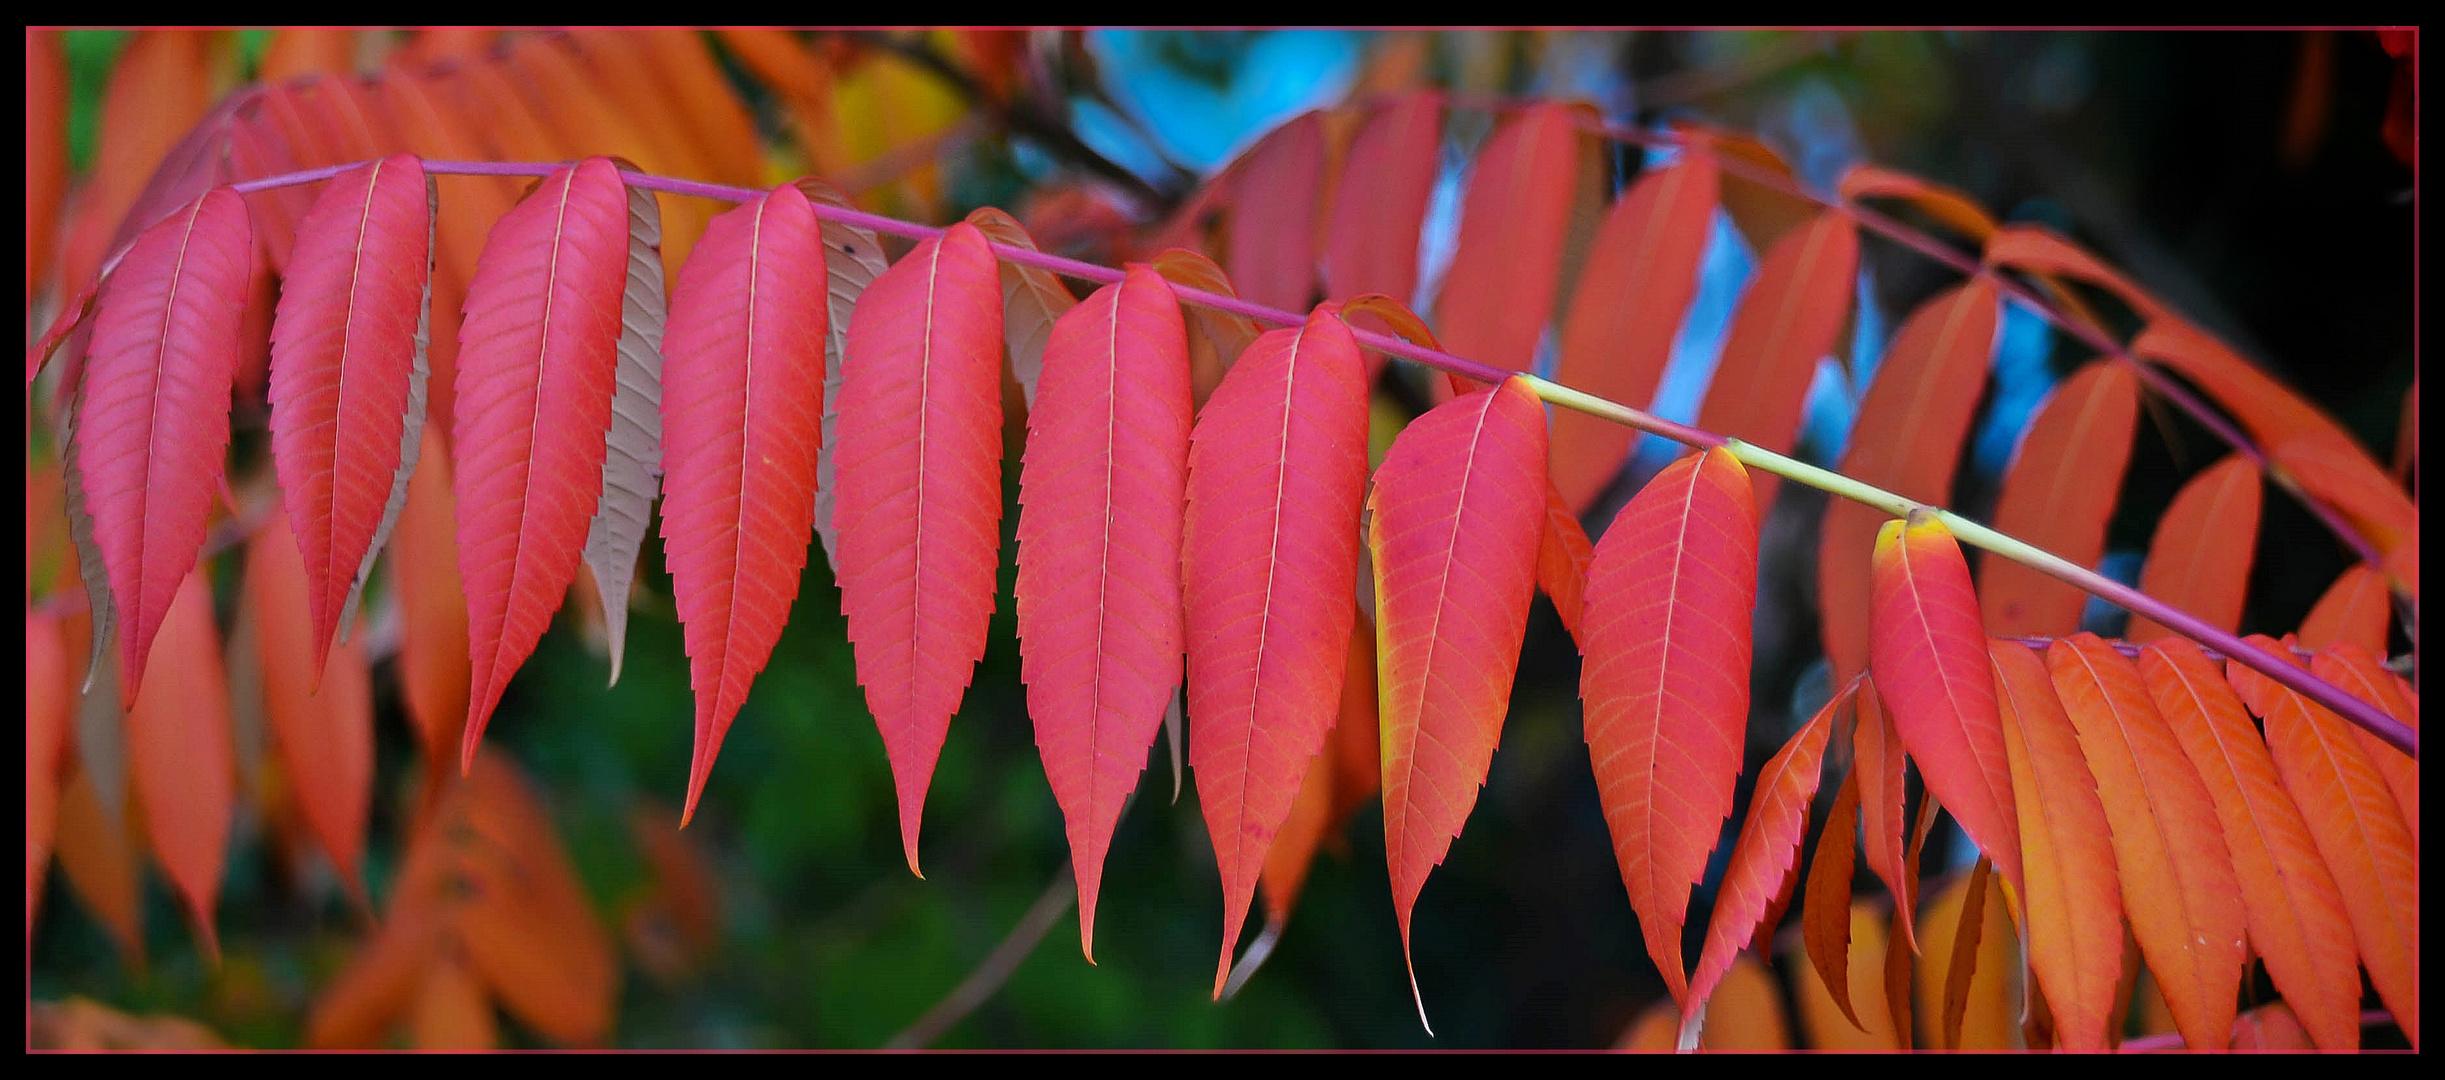 Rot, rot, rot sind alle meine Blätter